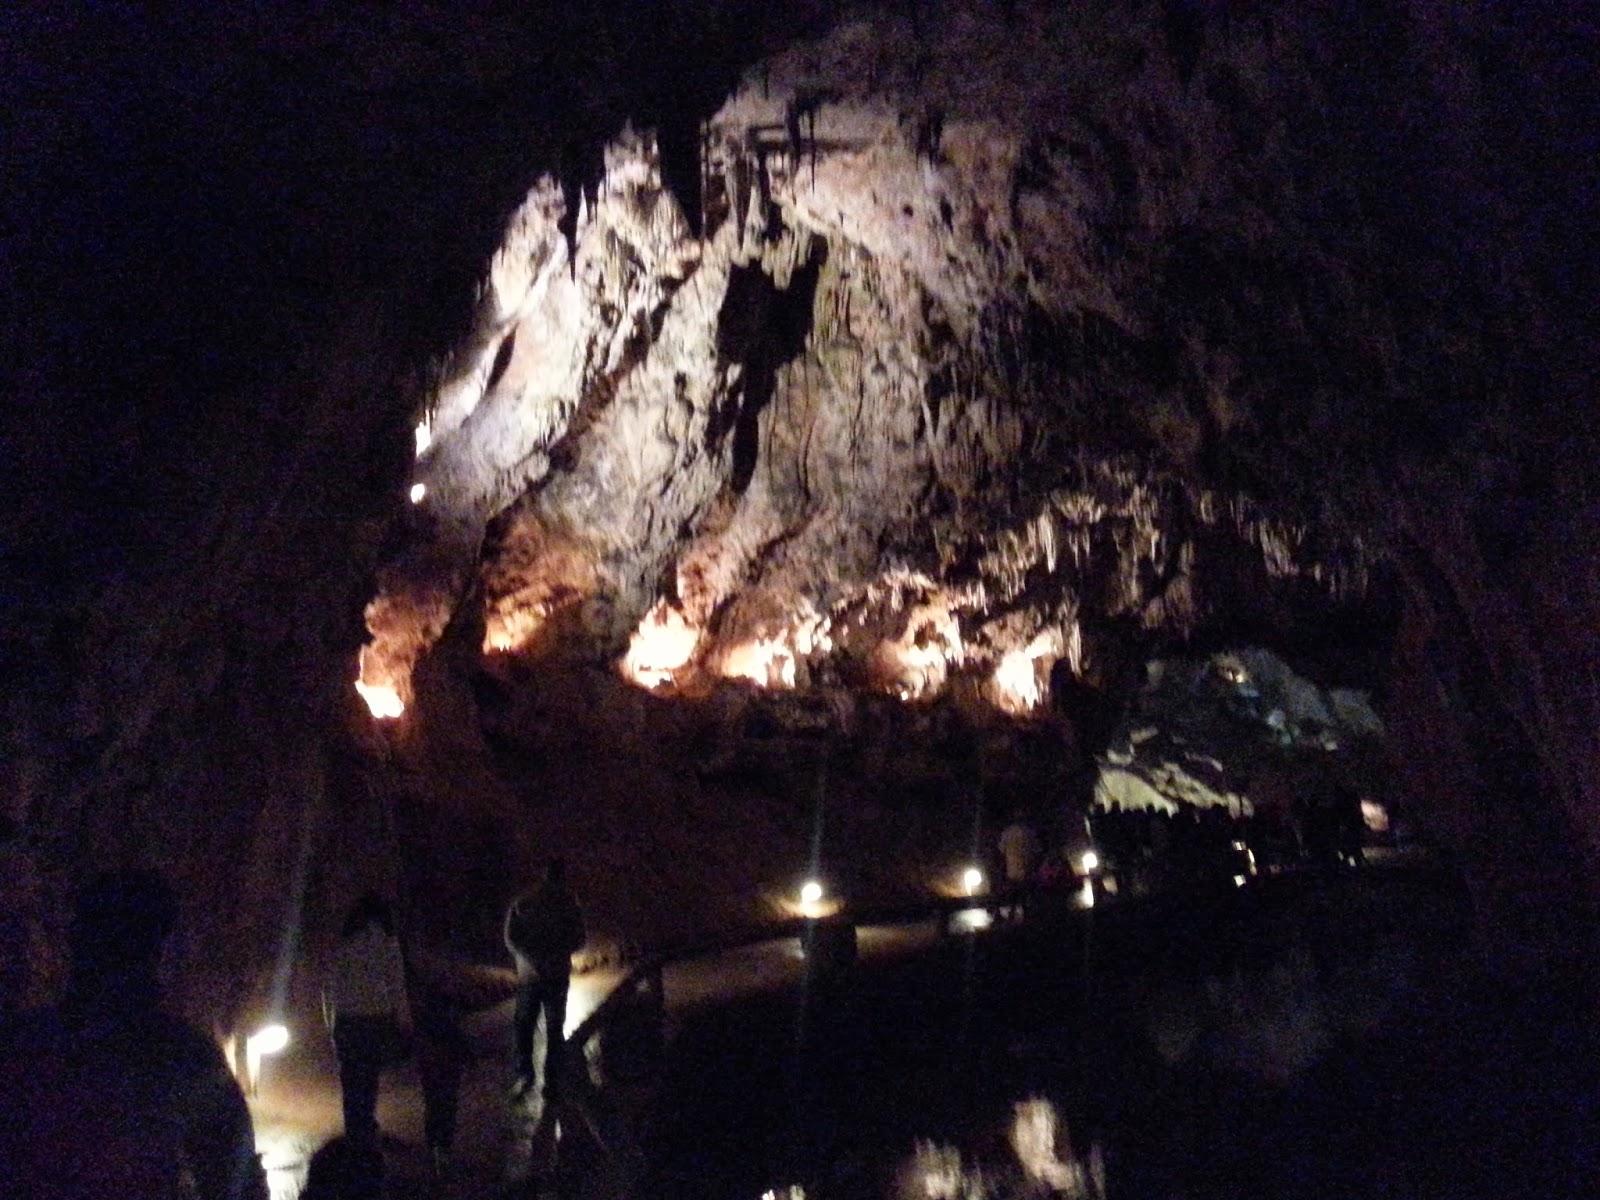 cueva valporquero leon